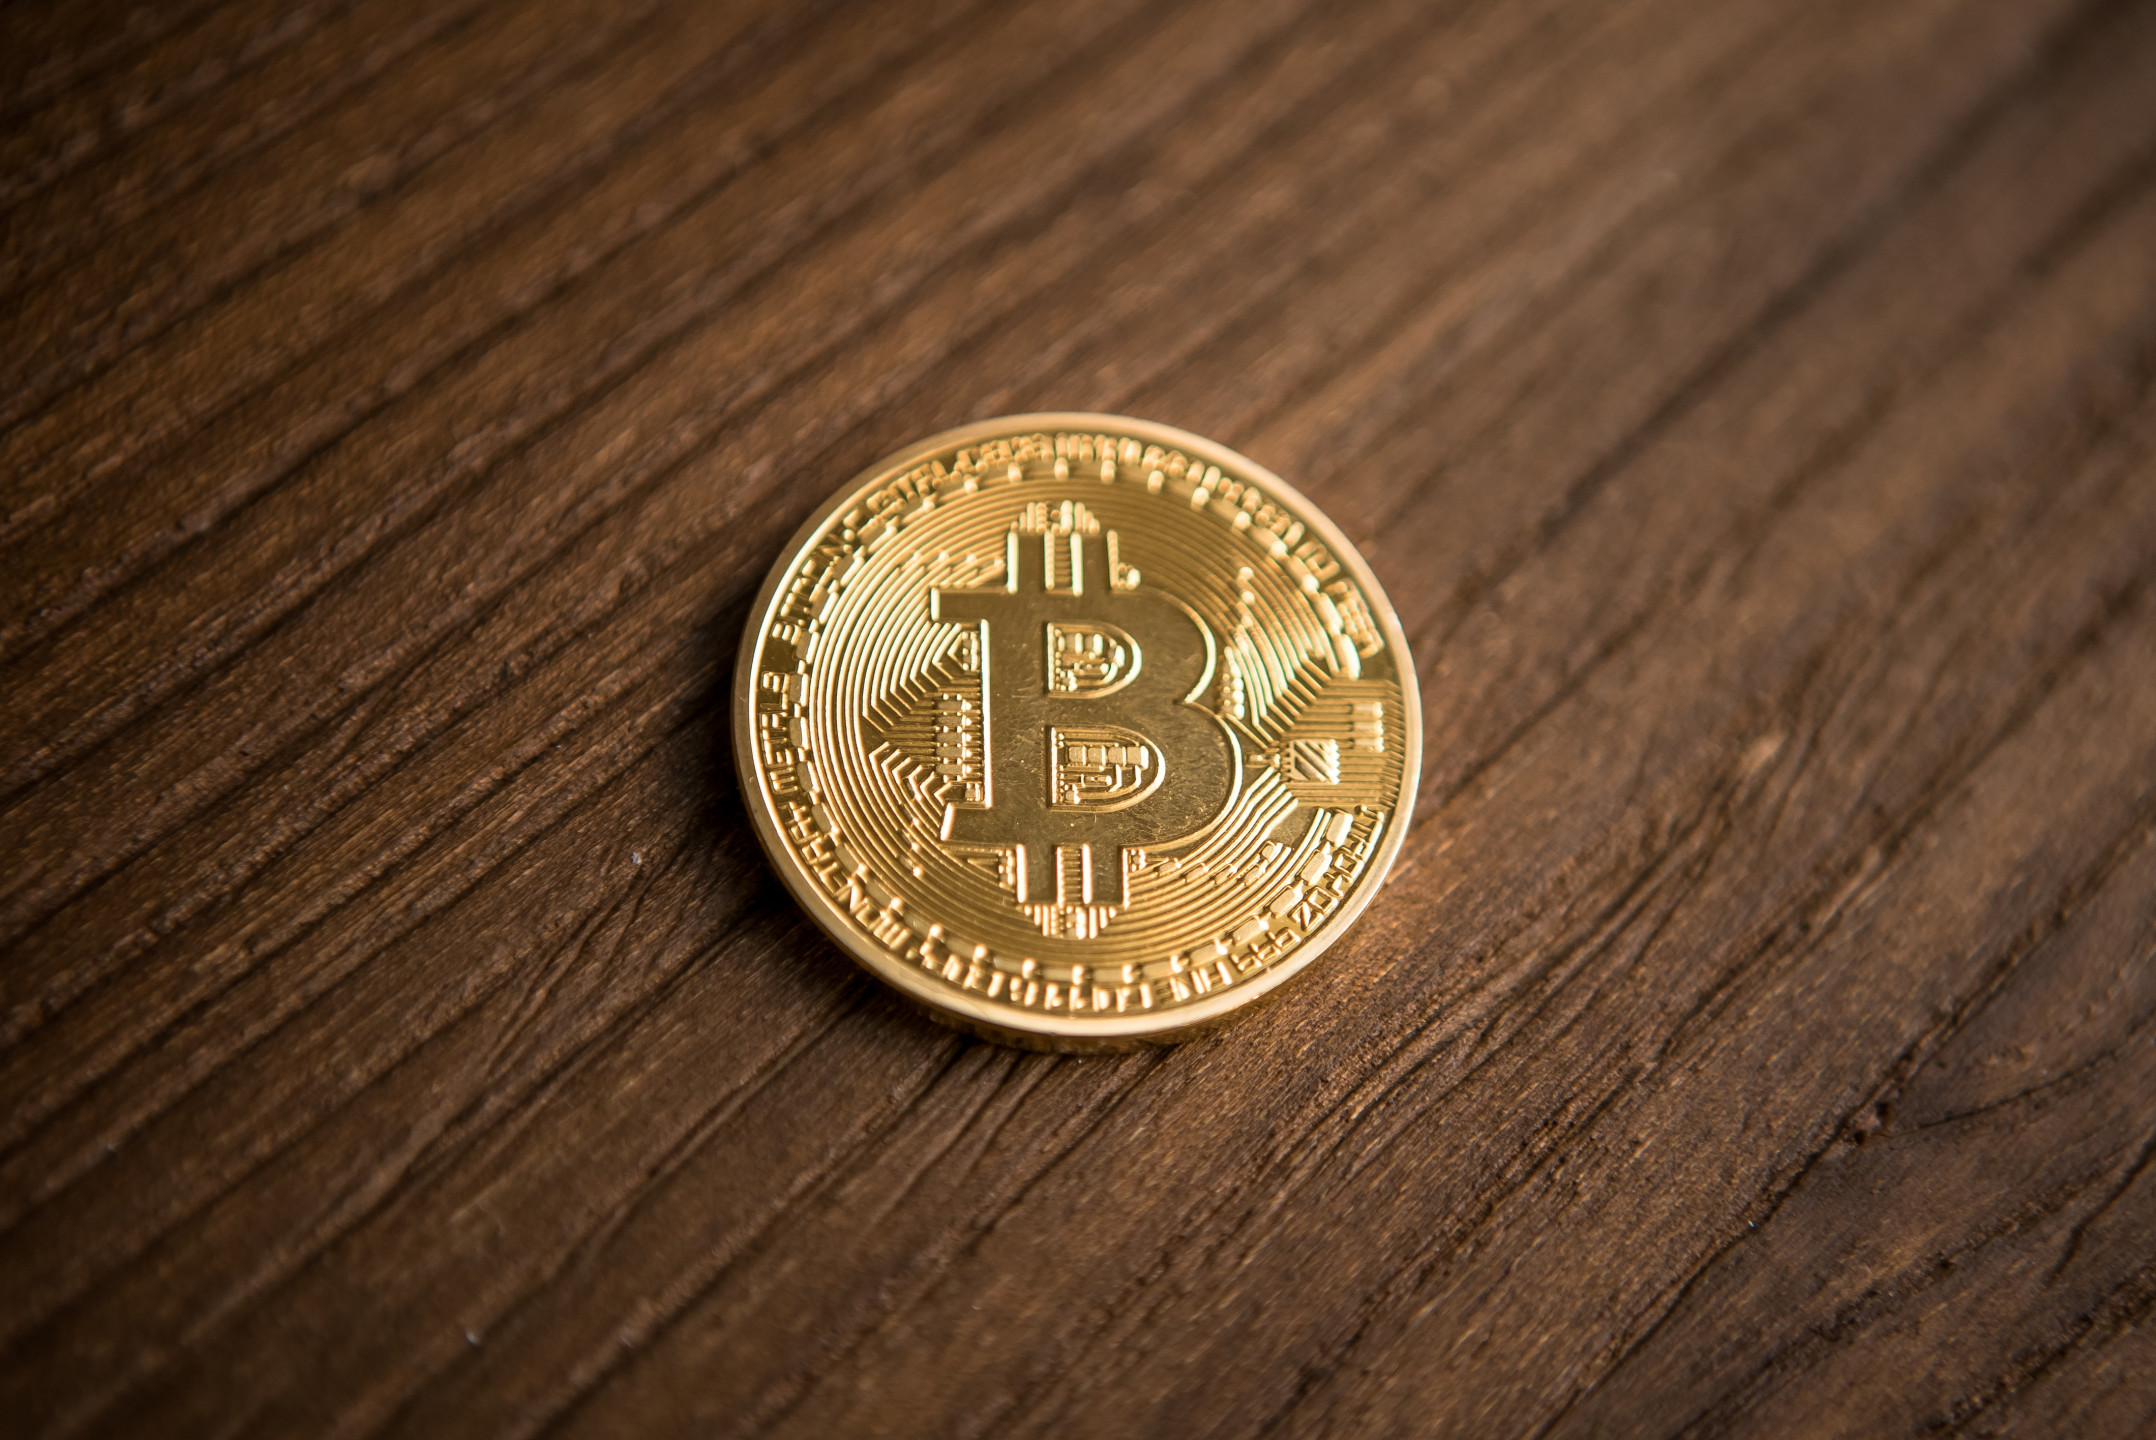 Bitcoin price analysis: BTCUSD upward trend pauses